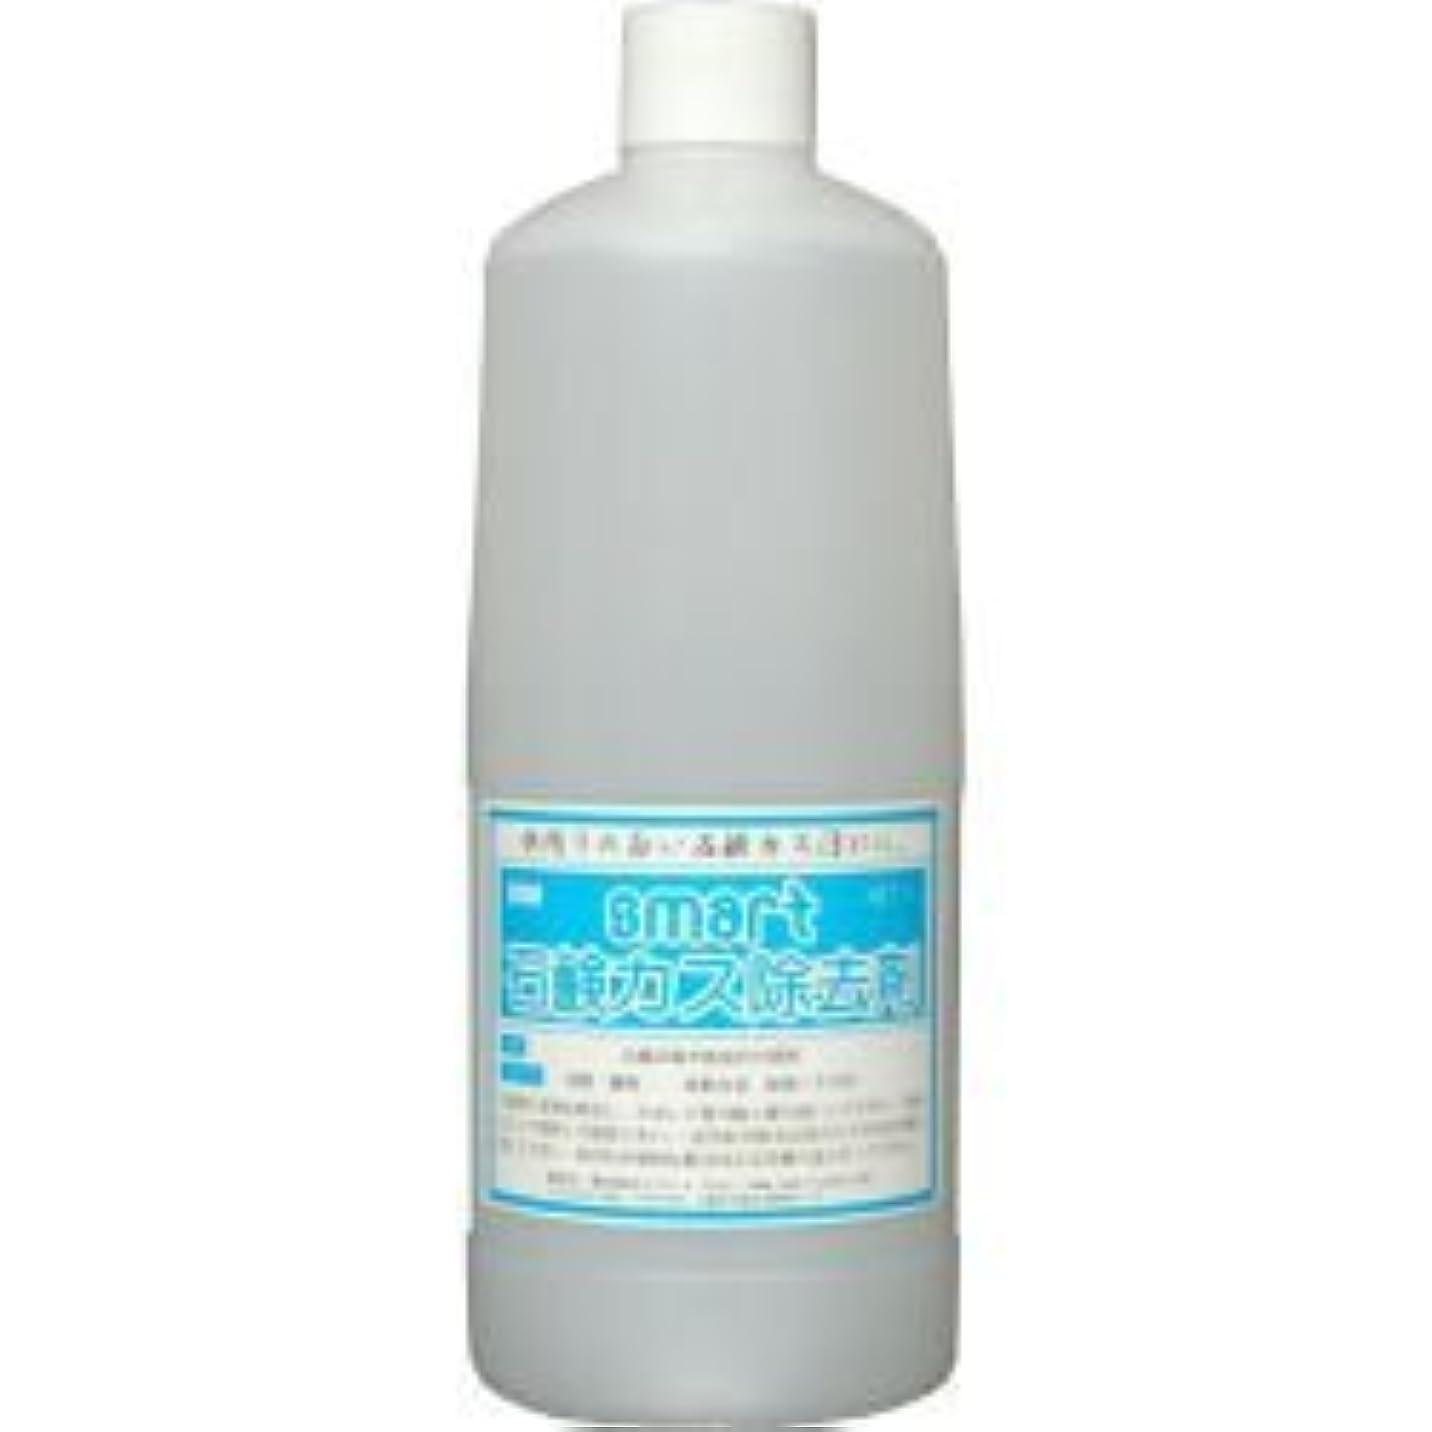 移行するハプニング親指スマート石鹸カス除去剤 1L